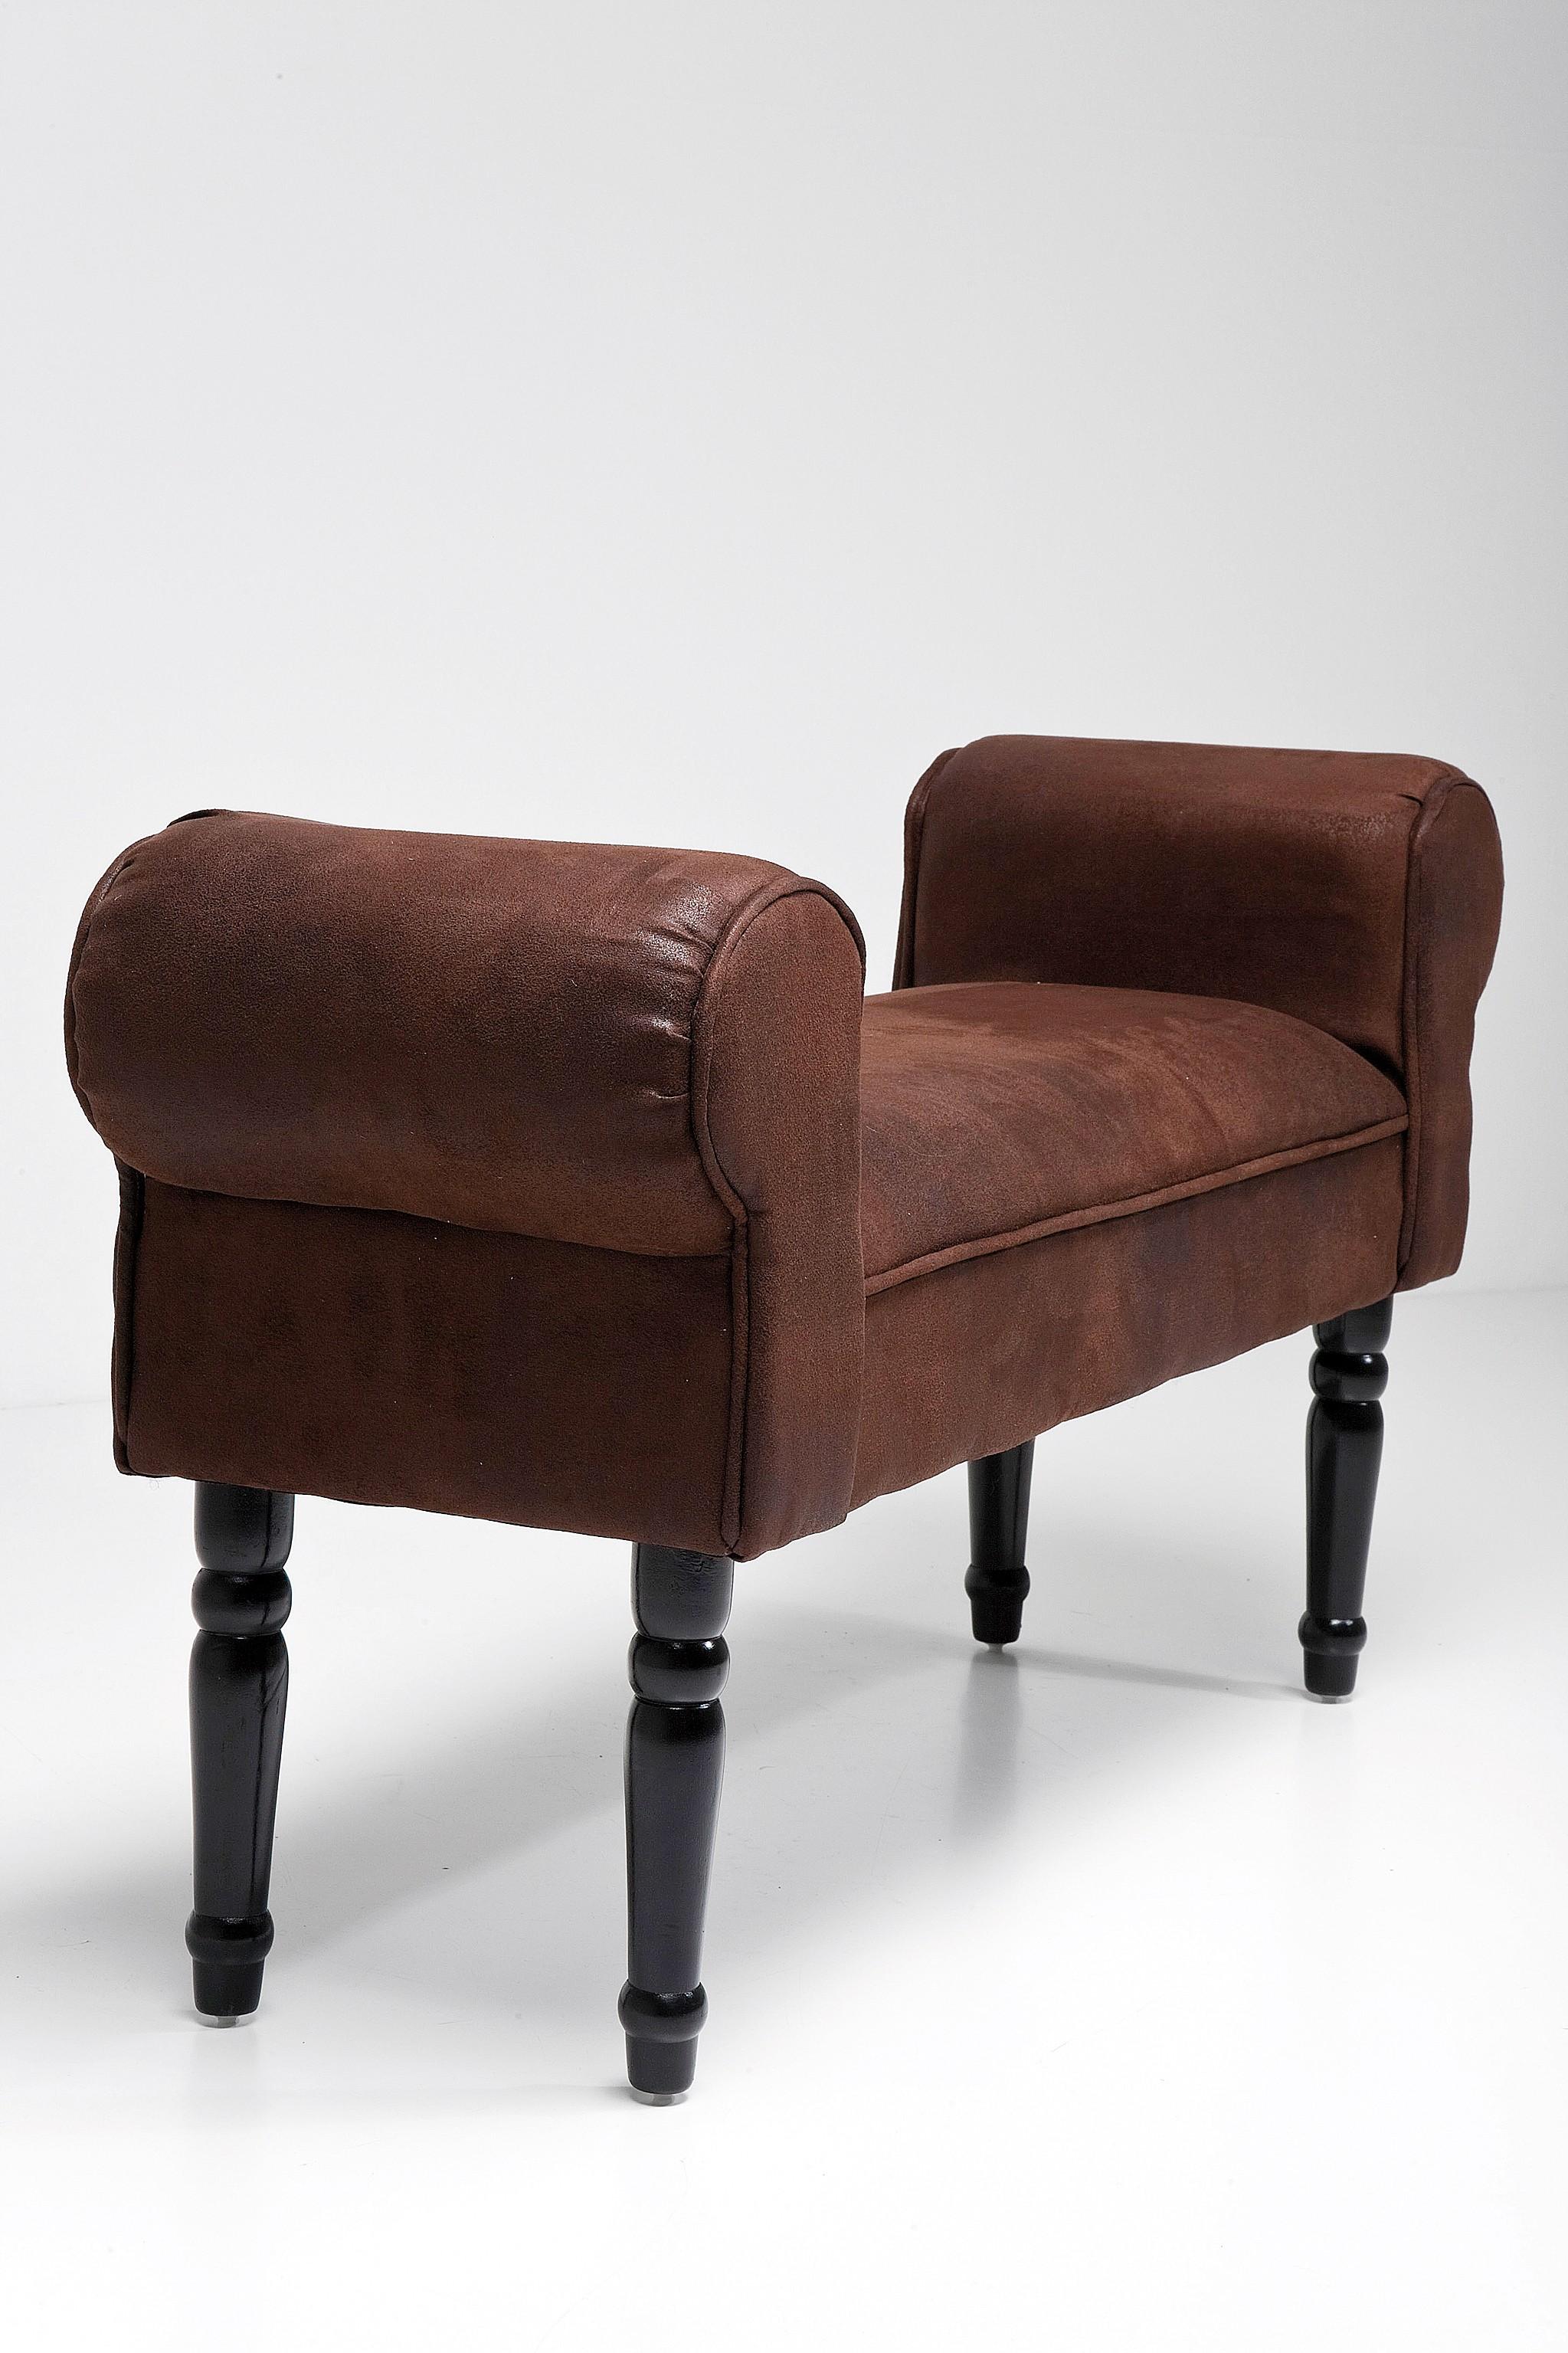 bank wing vintage braun. Black Bedroom Furniture Sets. Home Design Ideas